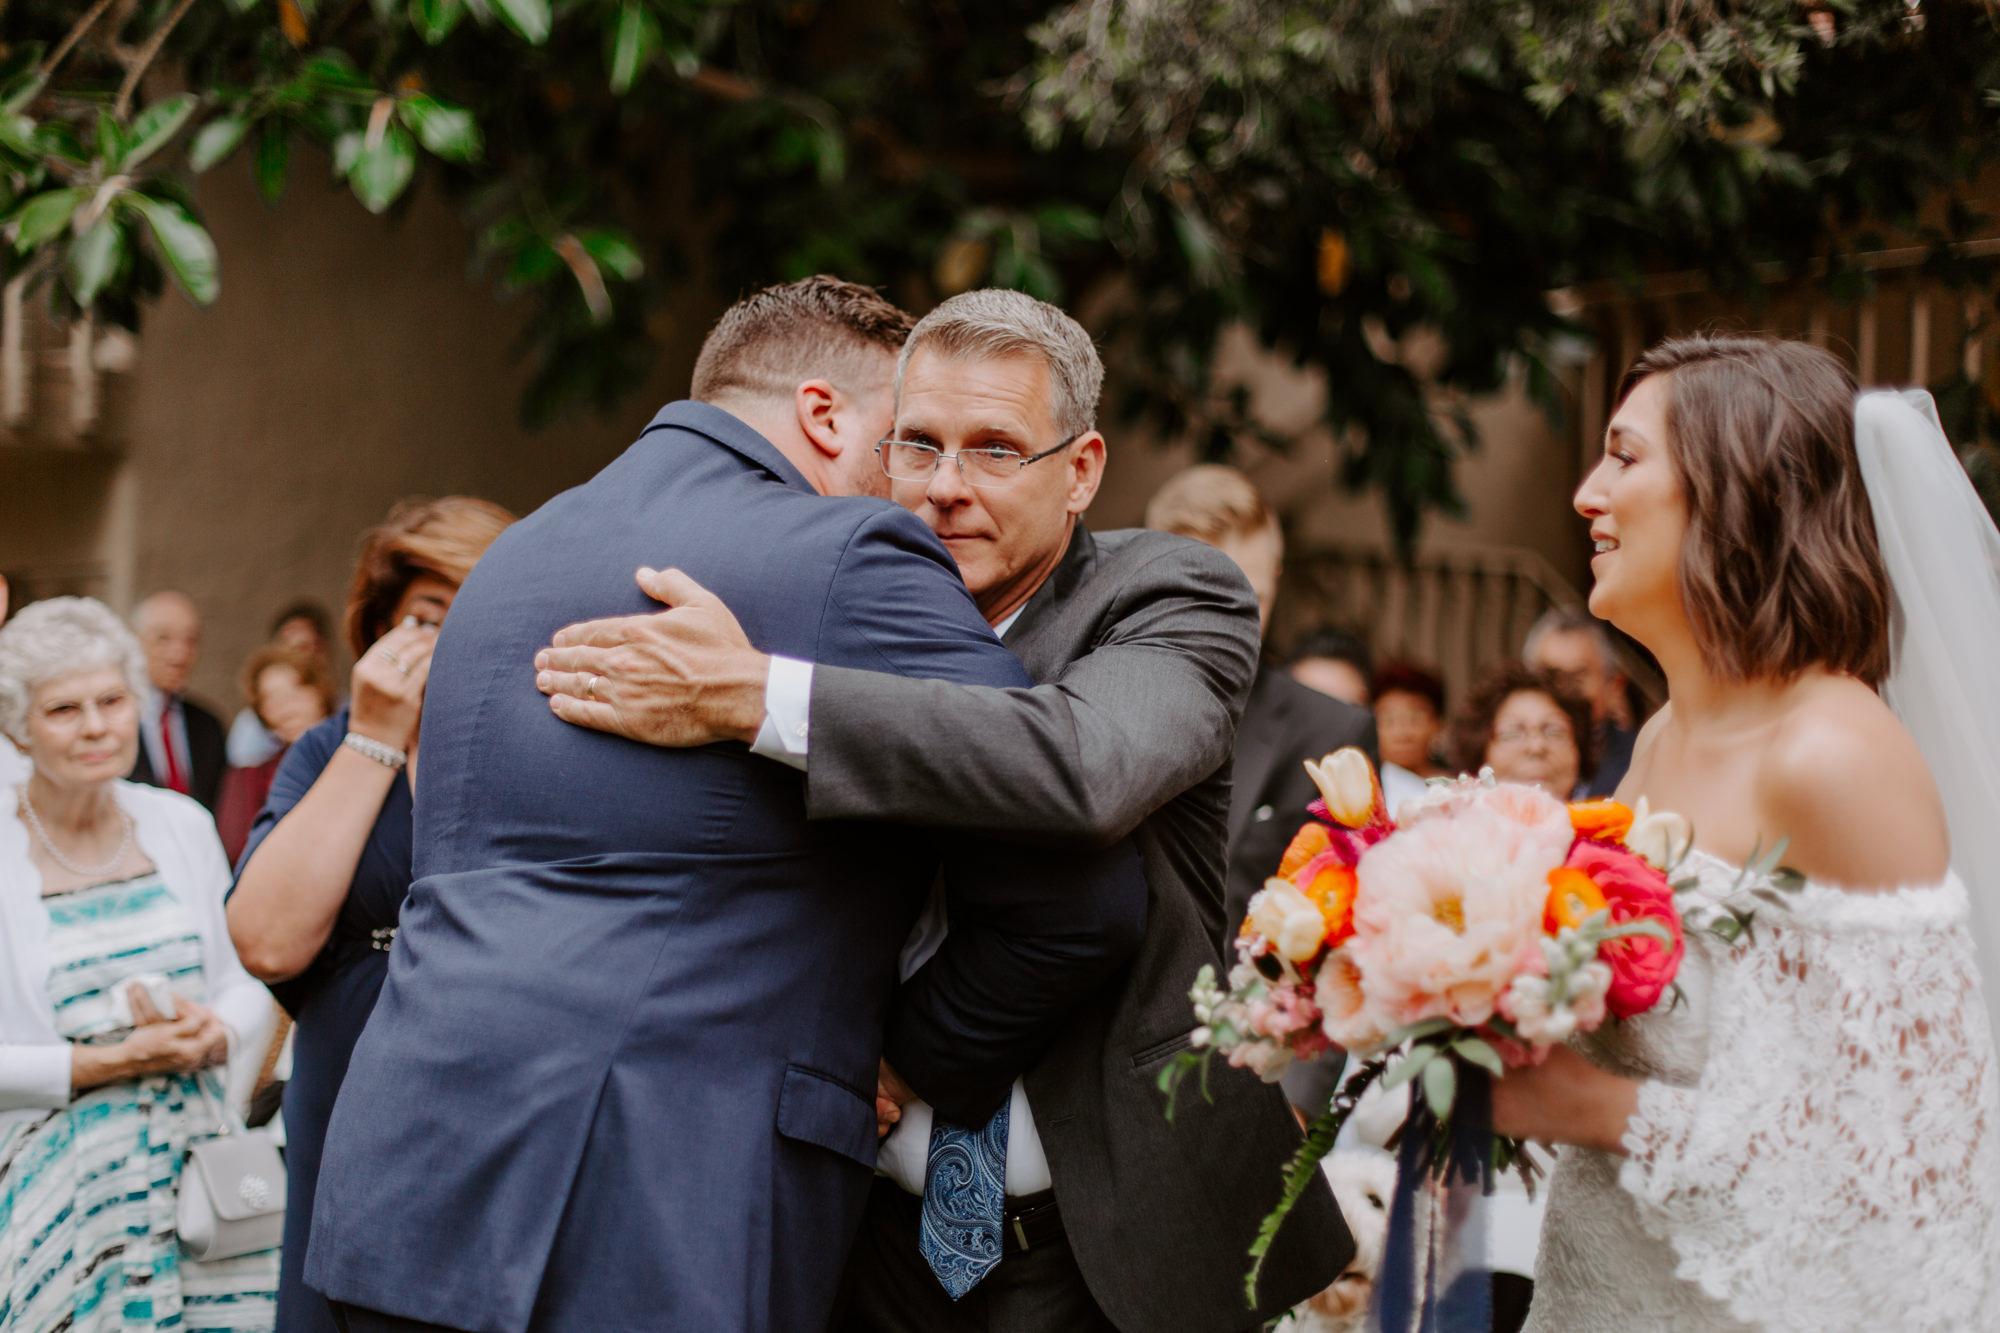 Rancho bernardo Inn san deigo wedding photography0053.jpg